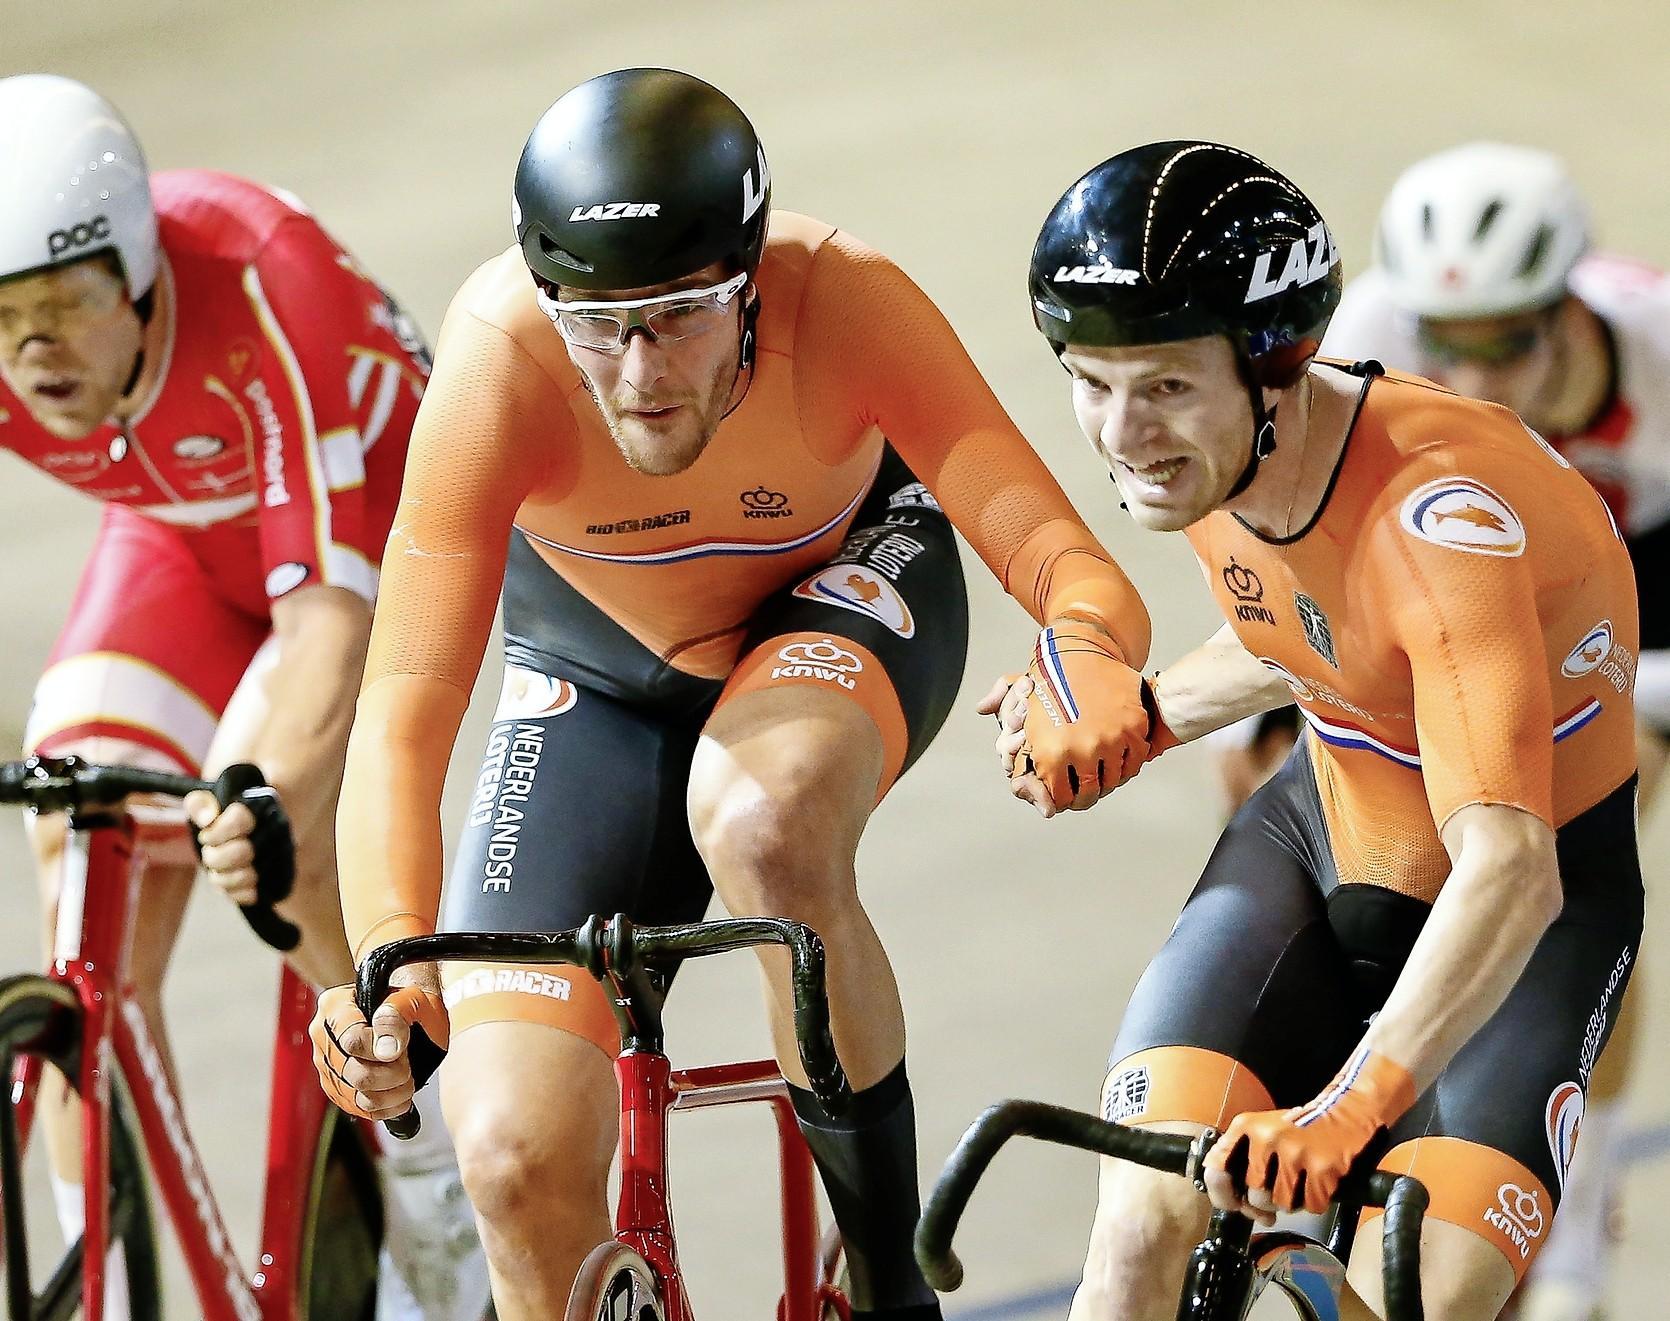 Ploeg Yoeri Havik houdt op te bestaan, maar renner verwacht snel nieuwe werkgever te vinden: 'Gelukkig voor mij ben ik door mijn plaatsing voor de Olympische Spelen een hele interessante renner'